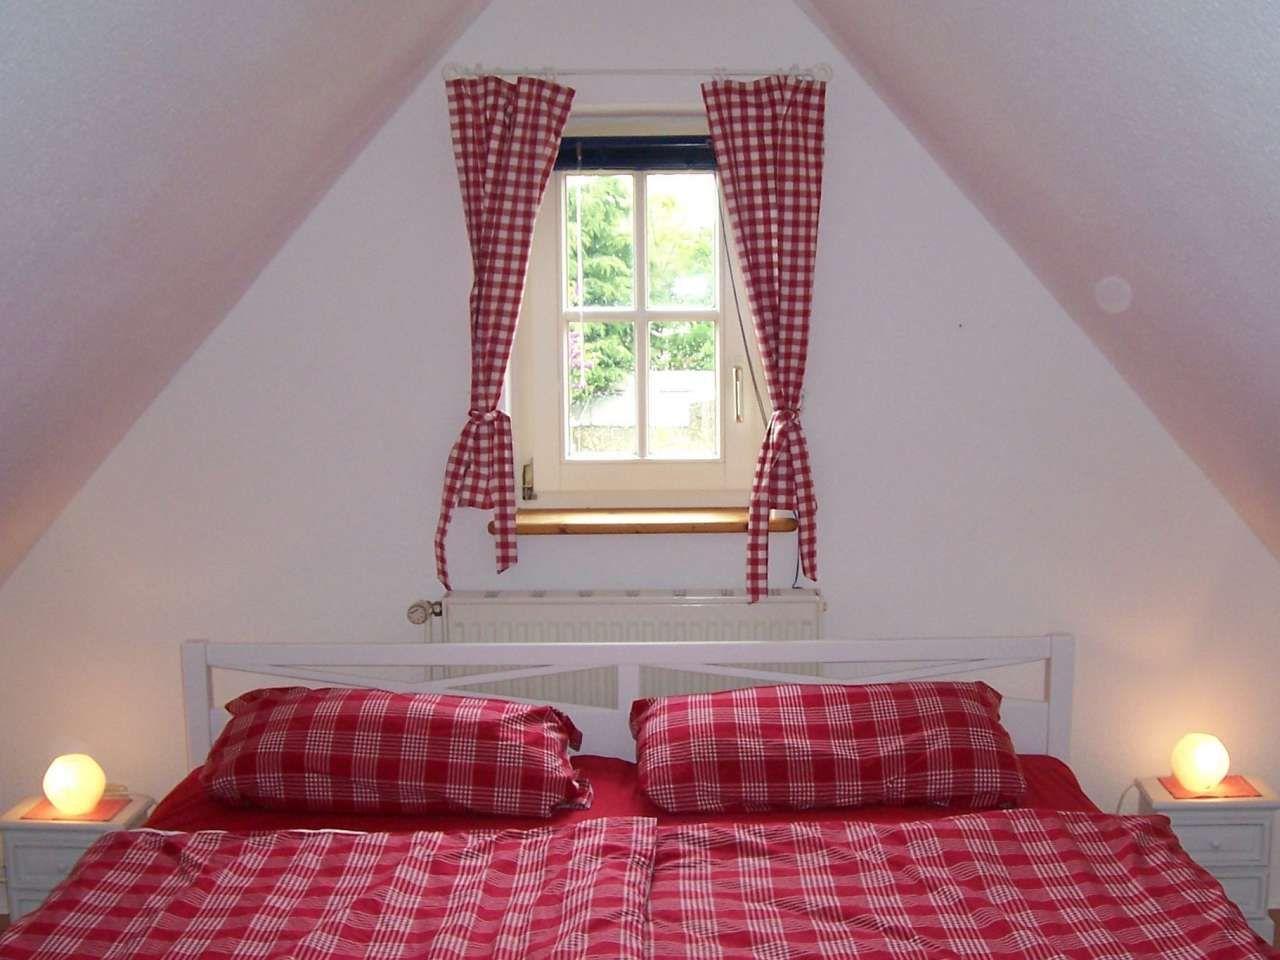 kleine meerzeit knusperh uschen mit kamin und wlan in. Black Bedroom Furniture Sets. Home Design Ideas